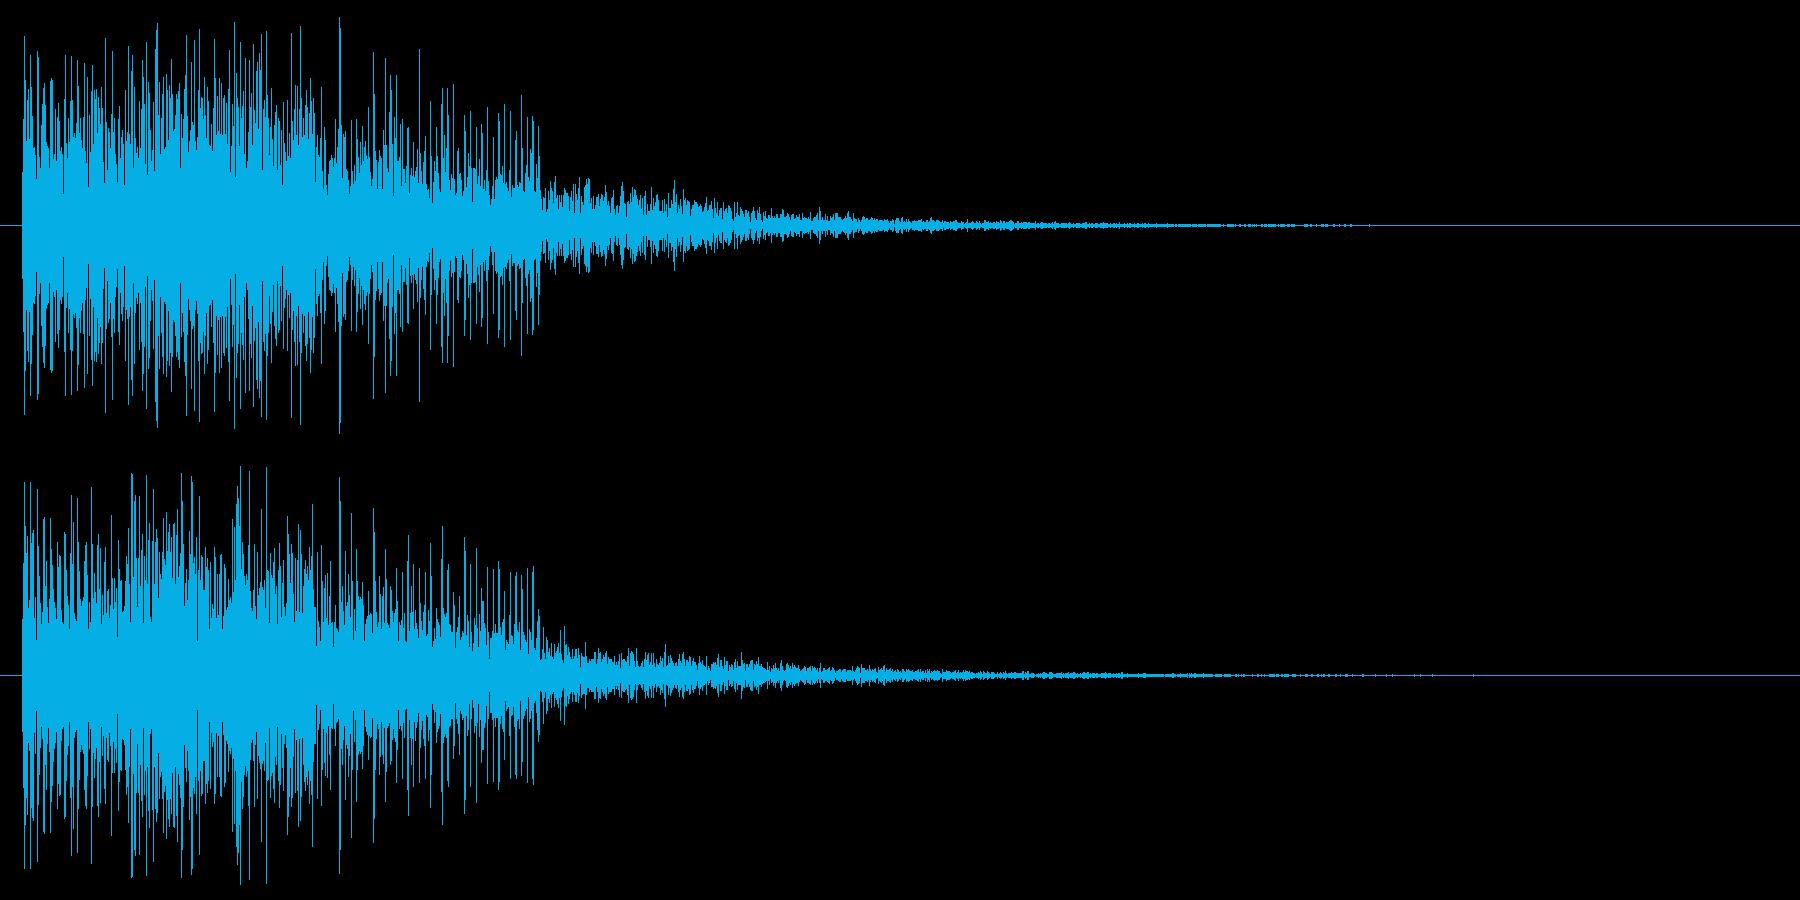 ゲームオーバー 残念な音 不正解 はずれの再生済みの波形